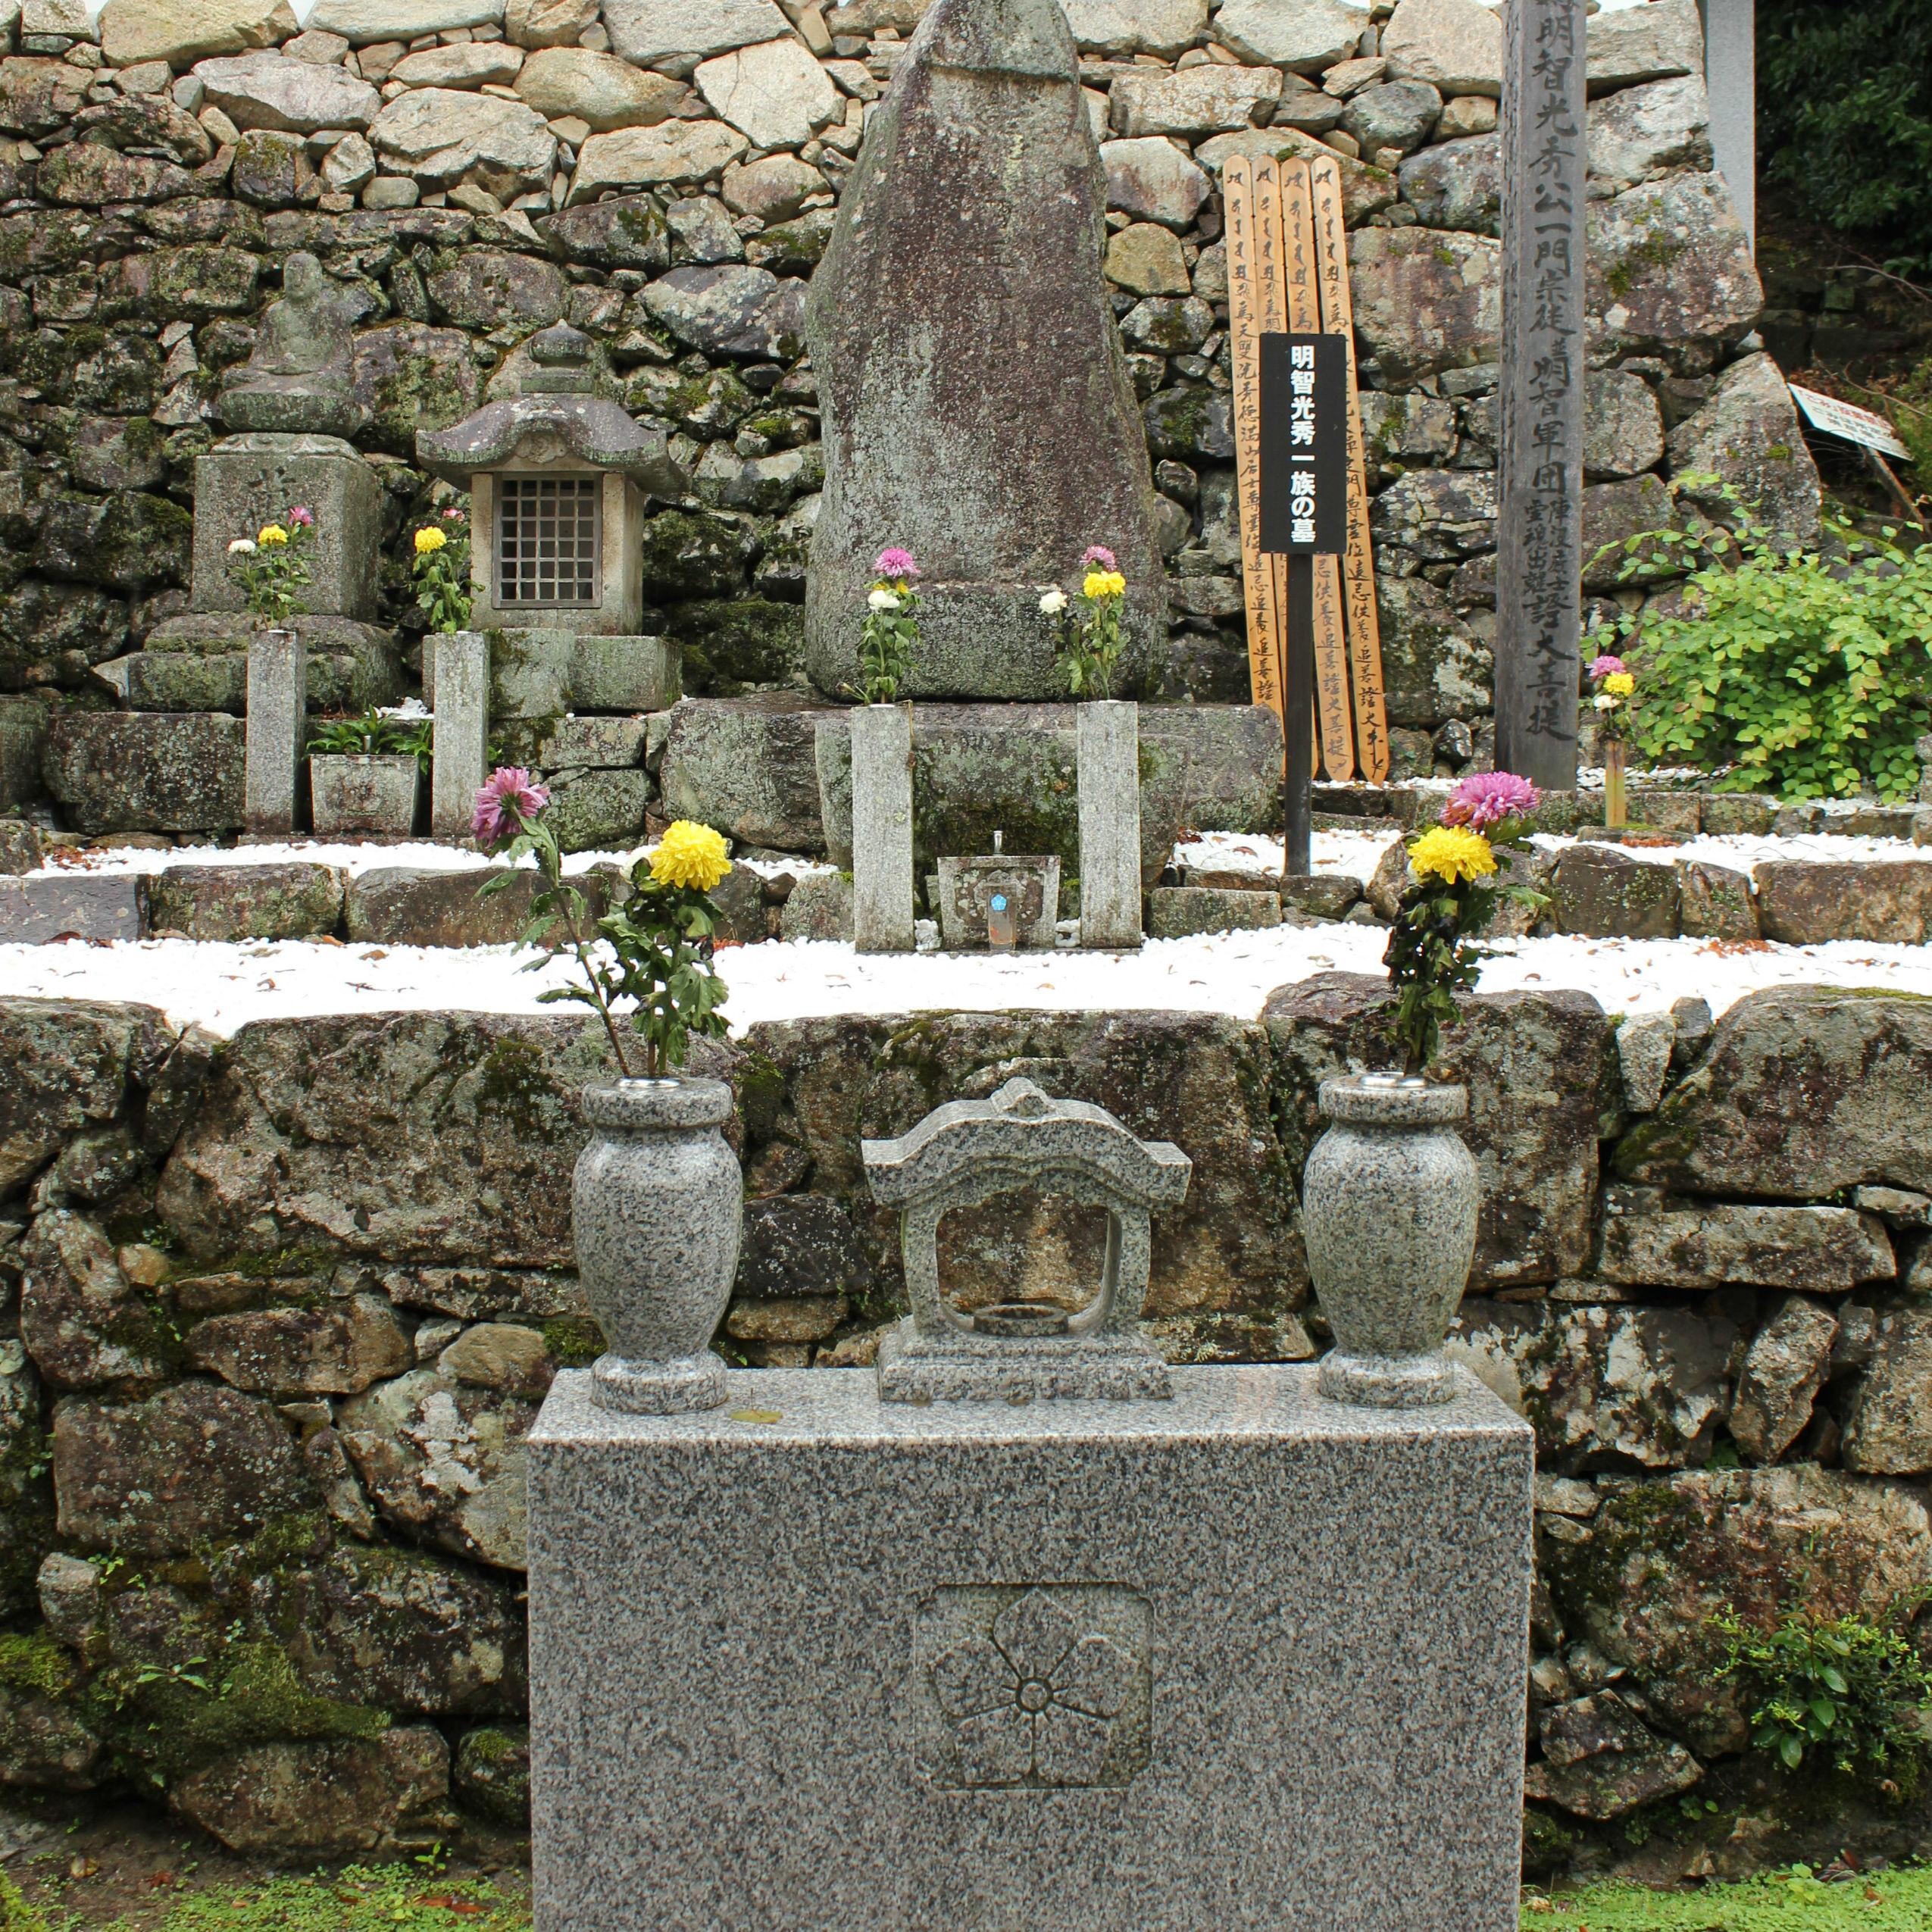 明智光秀の足跡を訪ねて④西教寺さんでお墓参り(その1)